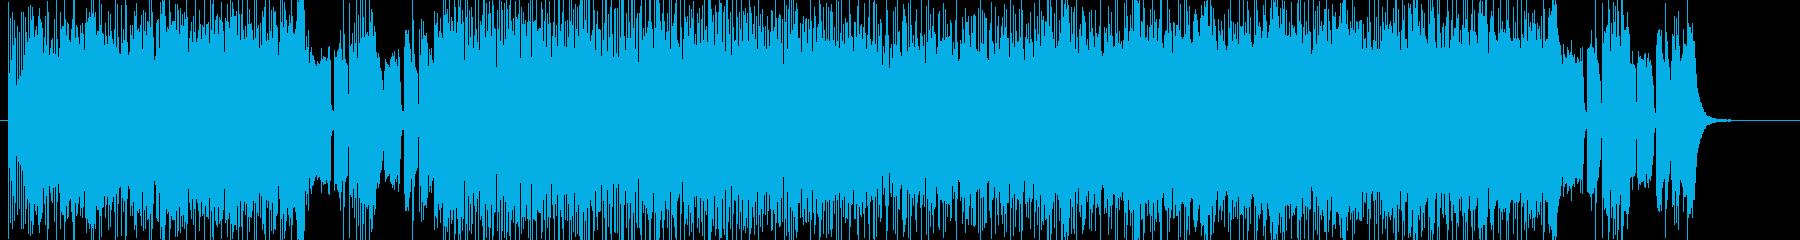 不気味、DARK、激しい、HARD系音楽の再生済みの波形